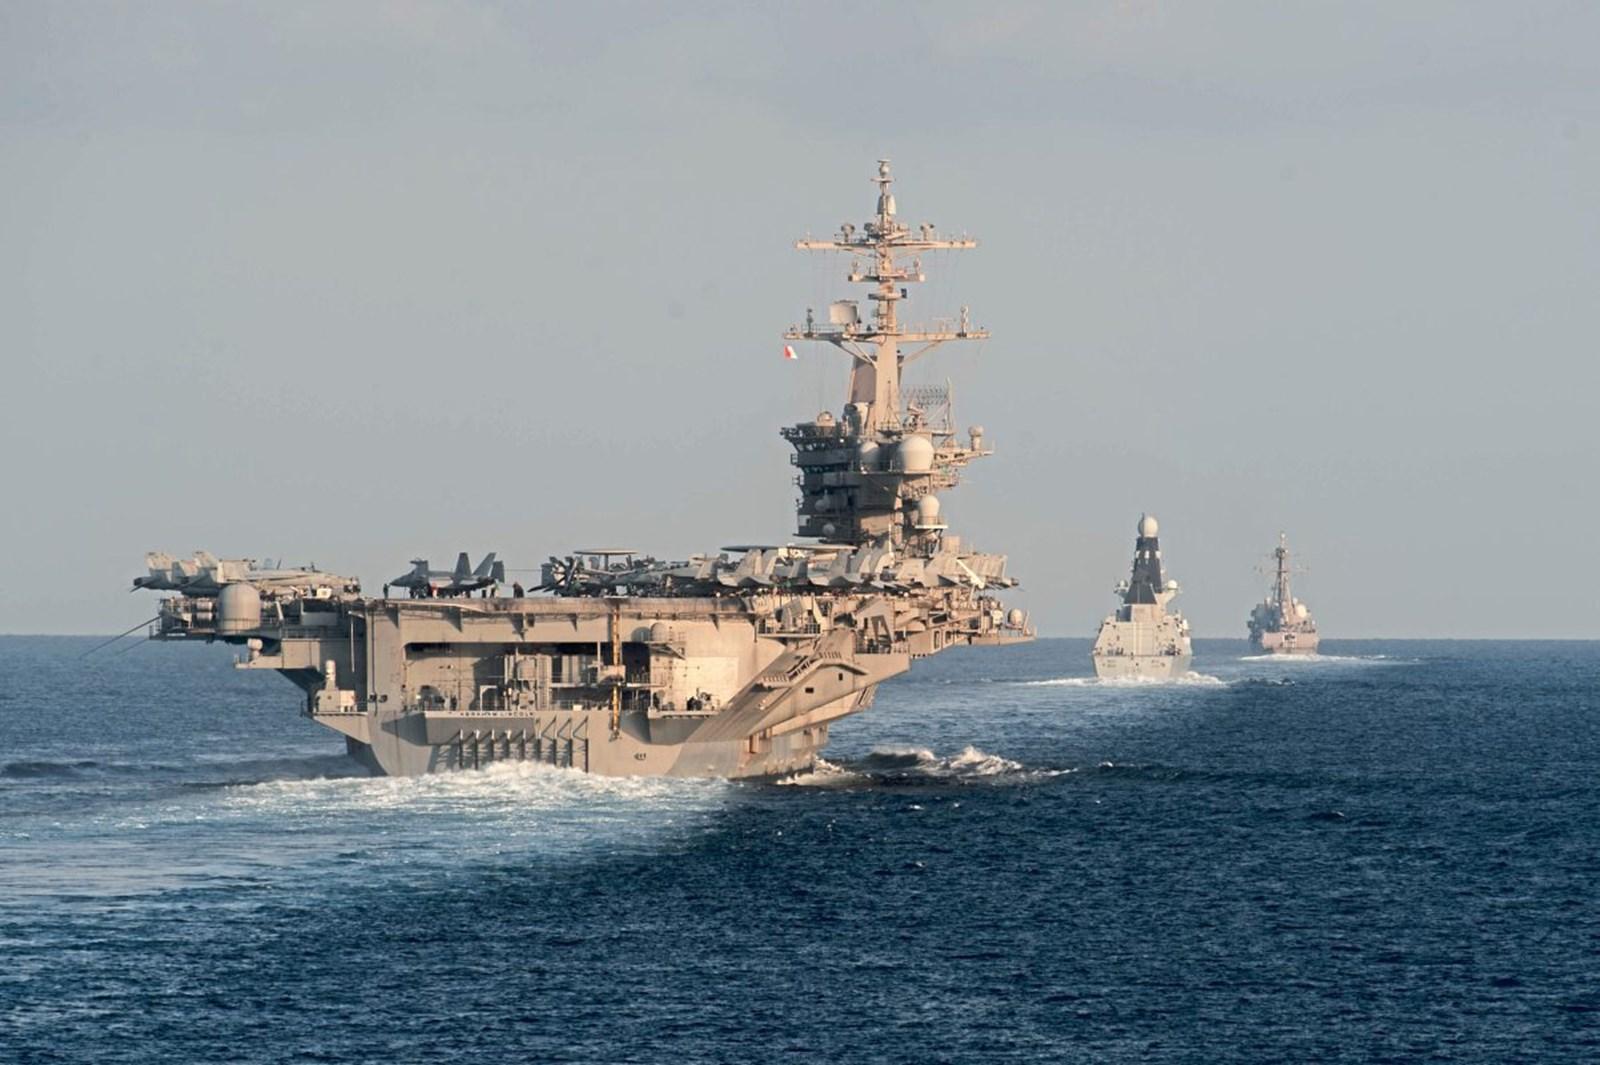 Iran begann gemeinsames Marinemanöver mit China und Russland